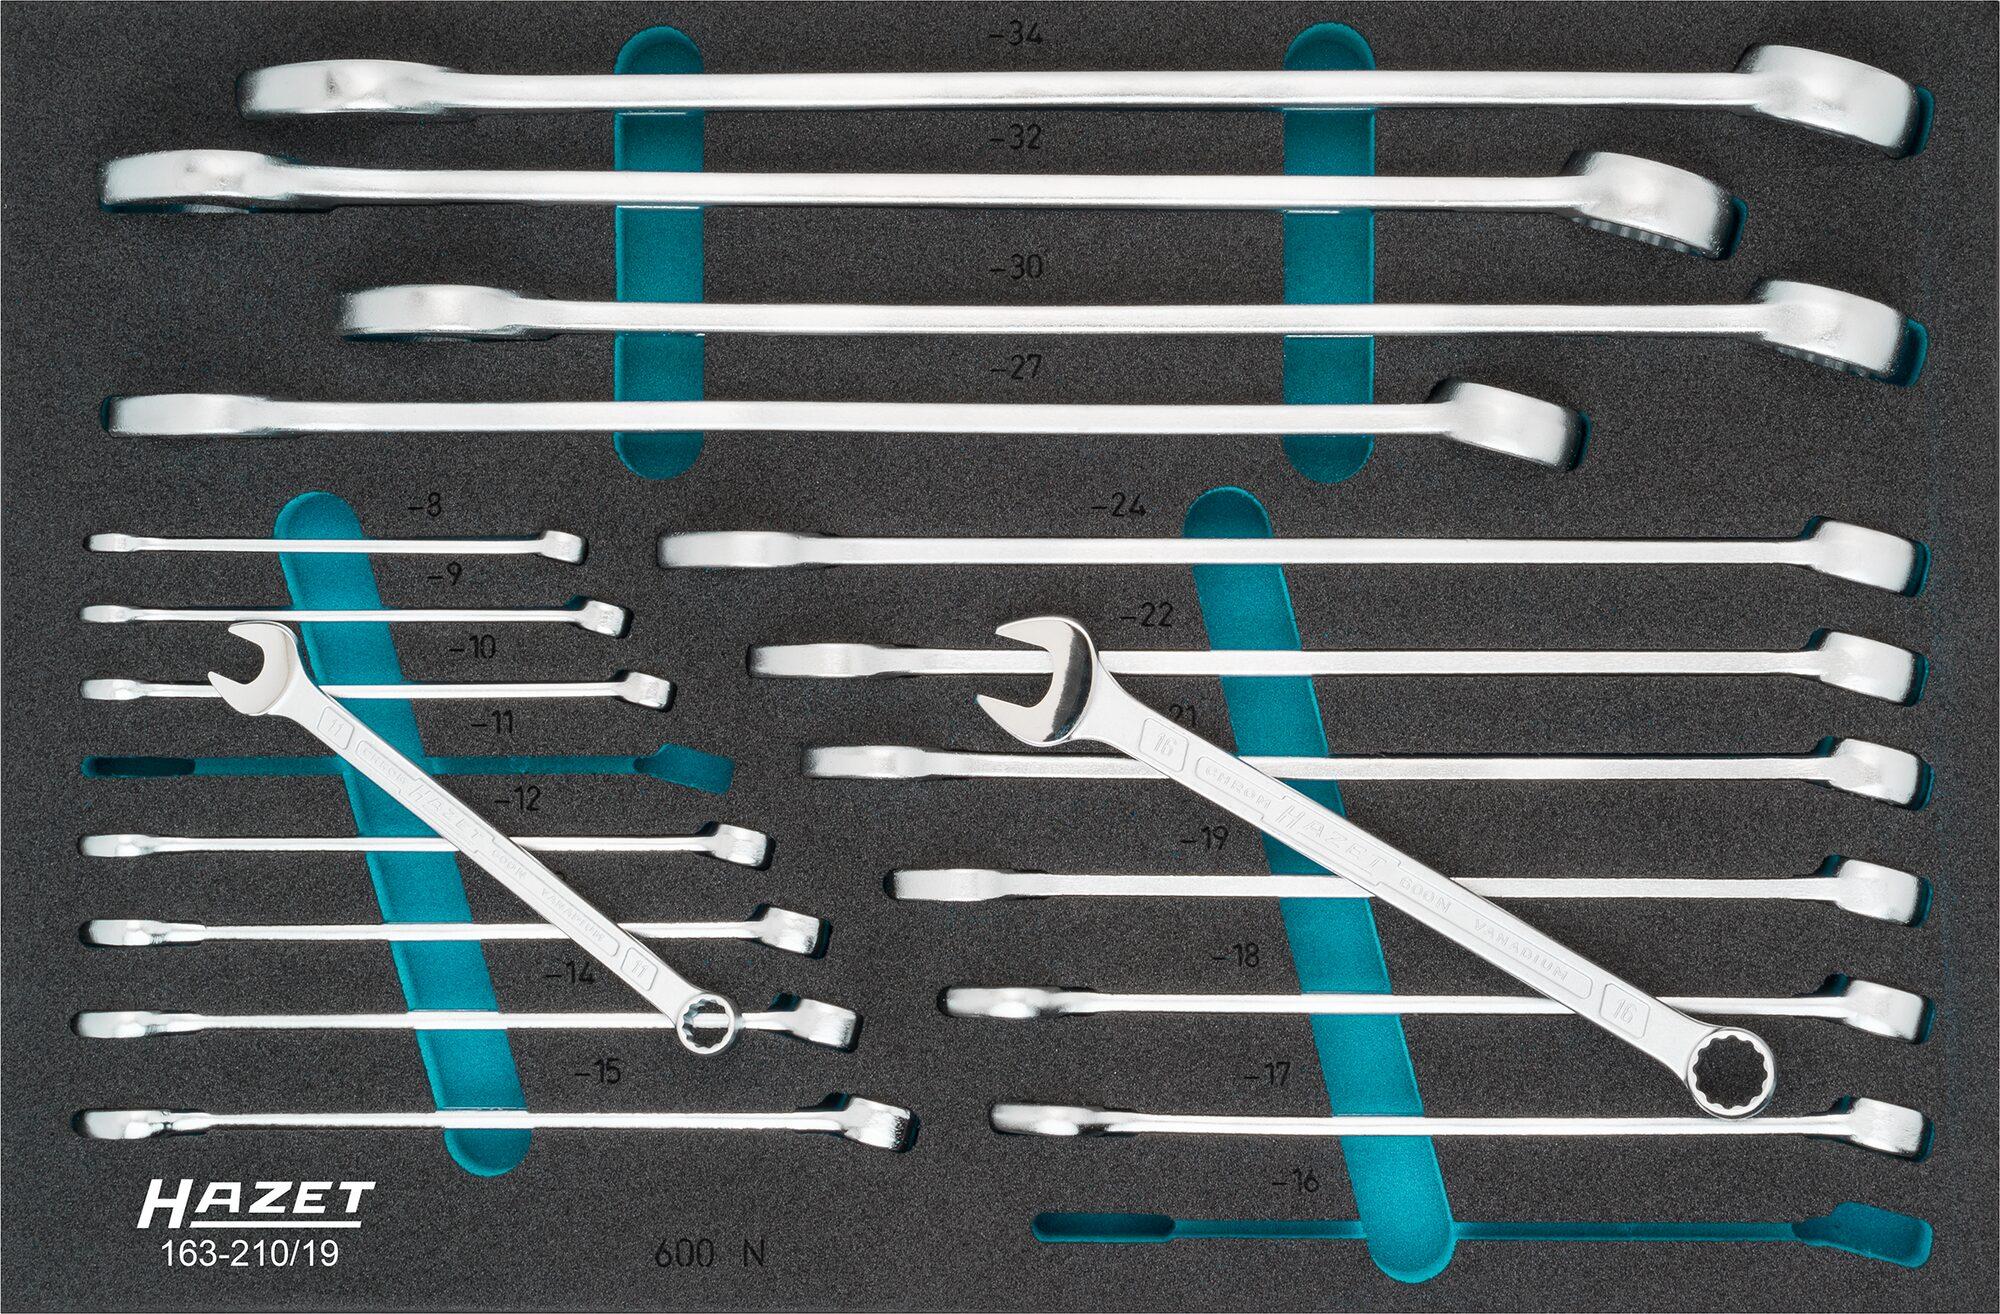 HAZET Ring-Maulschlüssel Satz 163-210/19 ∙ Außen-Doppel-Sechskant-Tractionsprofil ∙ 8 – 34 ∙ Anzahl Werkzeuge: 19